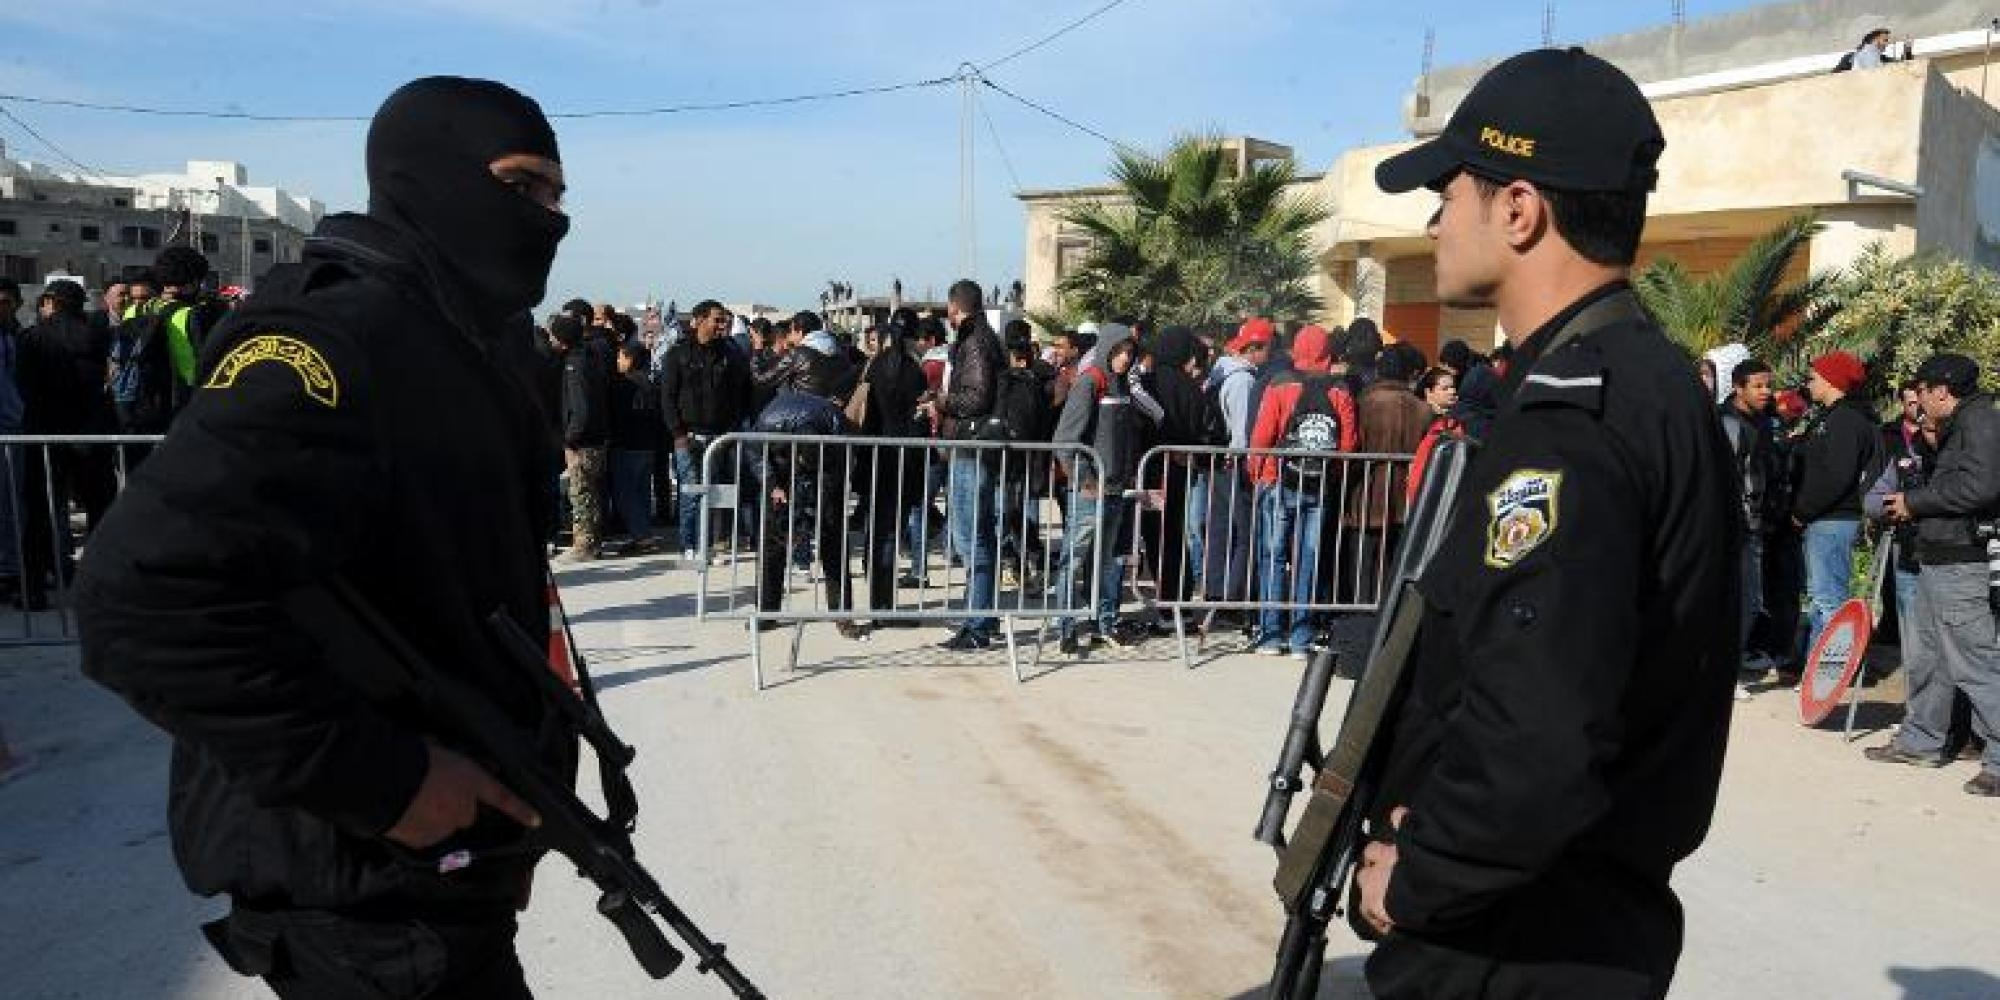 أحداث جندوبة تثير قلقا أمنيا بتونس ودعوات لتطويق الأزمة